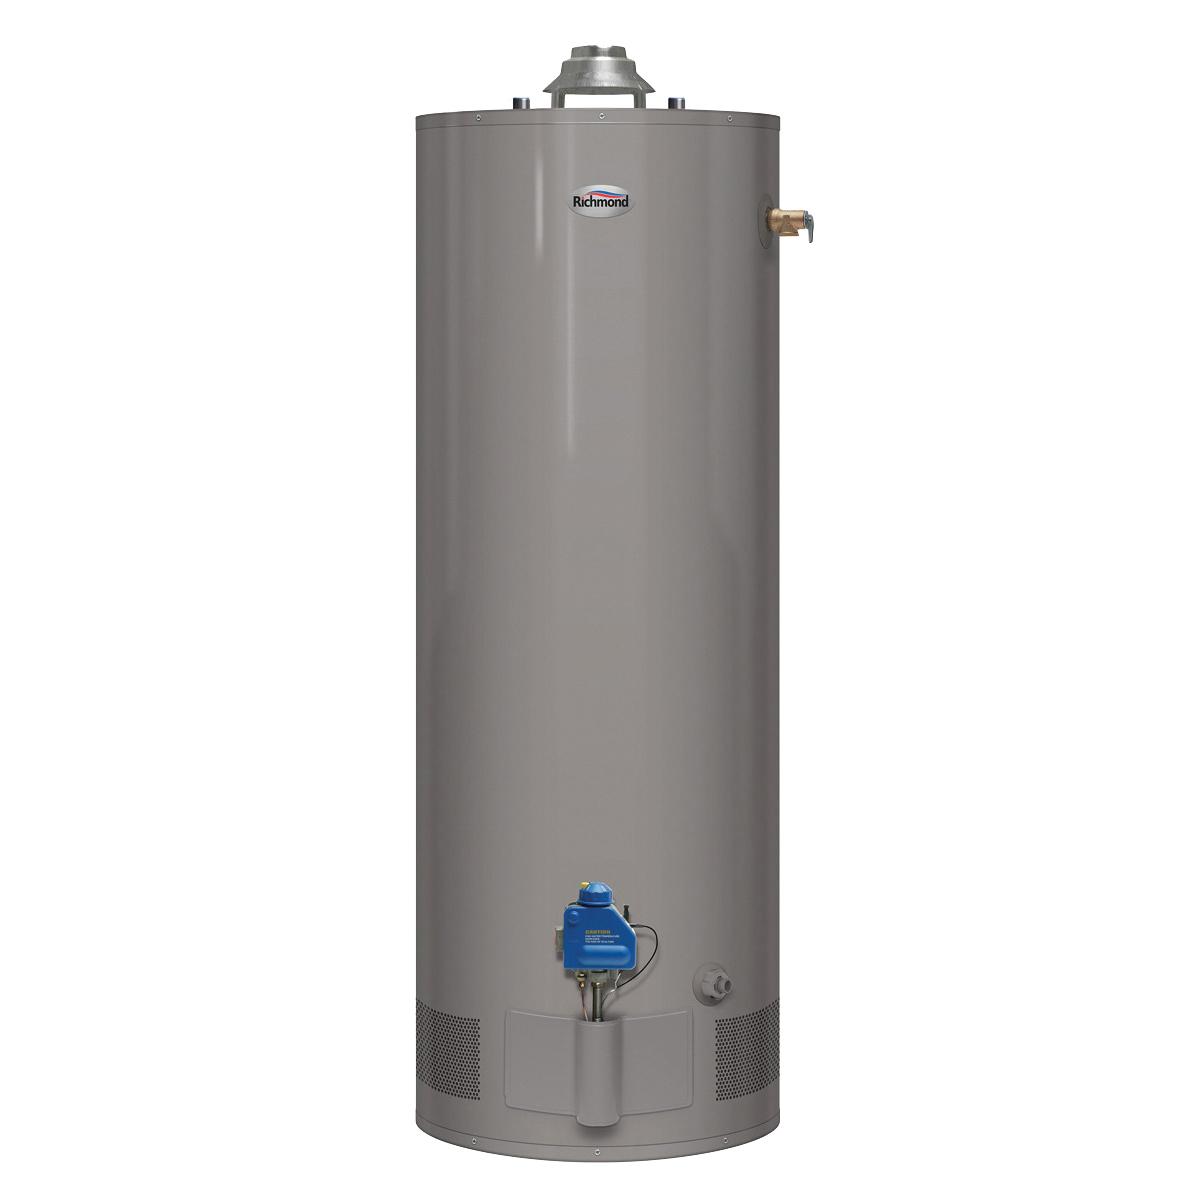 Picture of Richmond Essential 6G40-36F3 Gas Water Heater, Natural Gas, 40 gal Tank, 52 gph, 36000 Btu/hr BTU, Dark Warm Gray